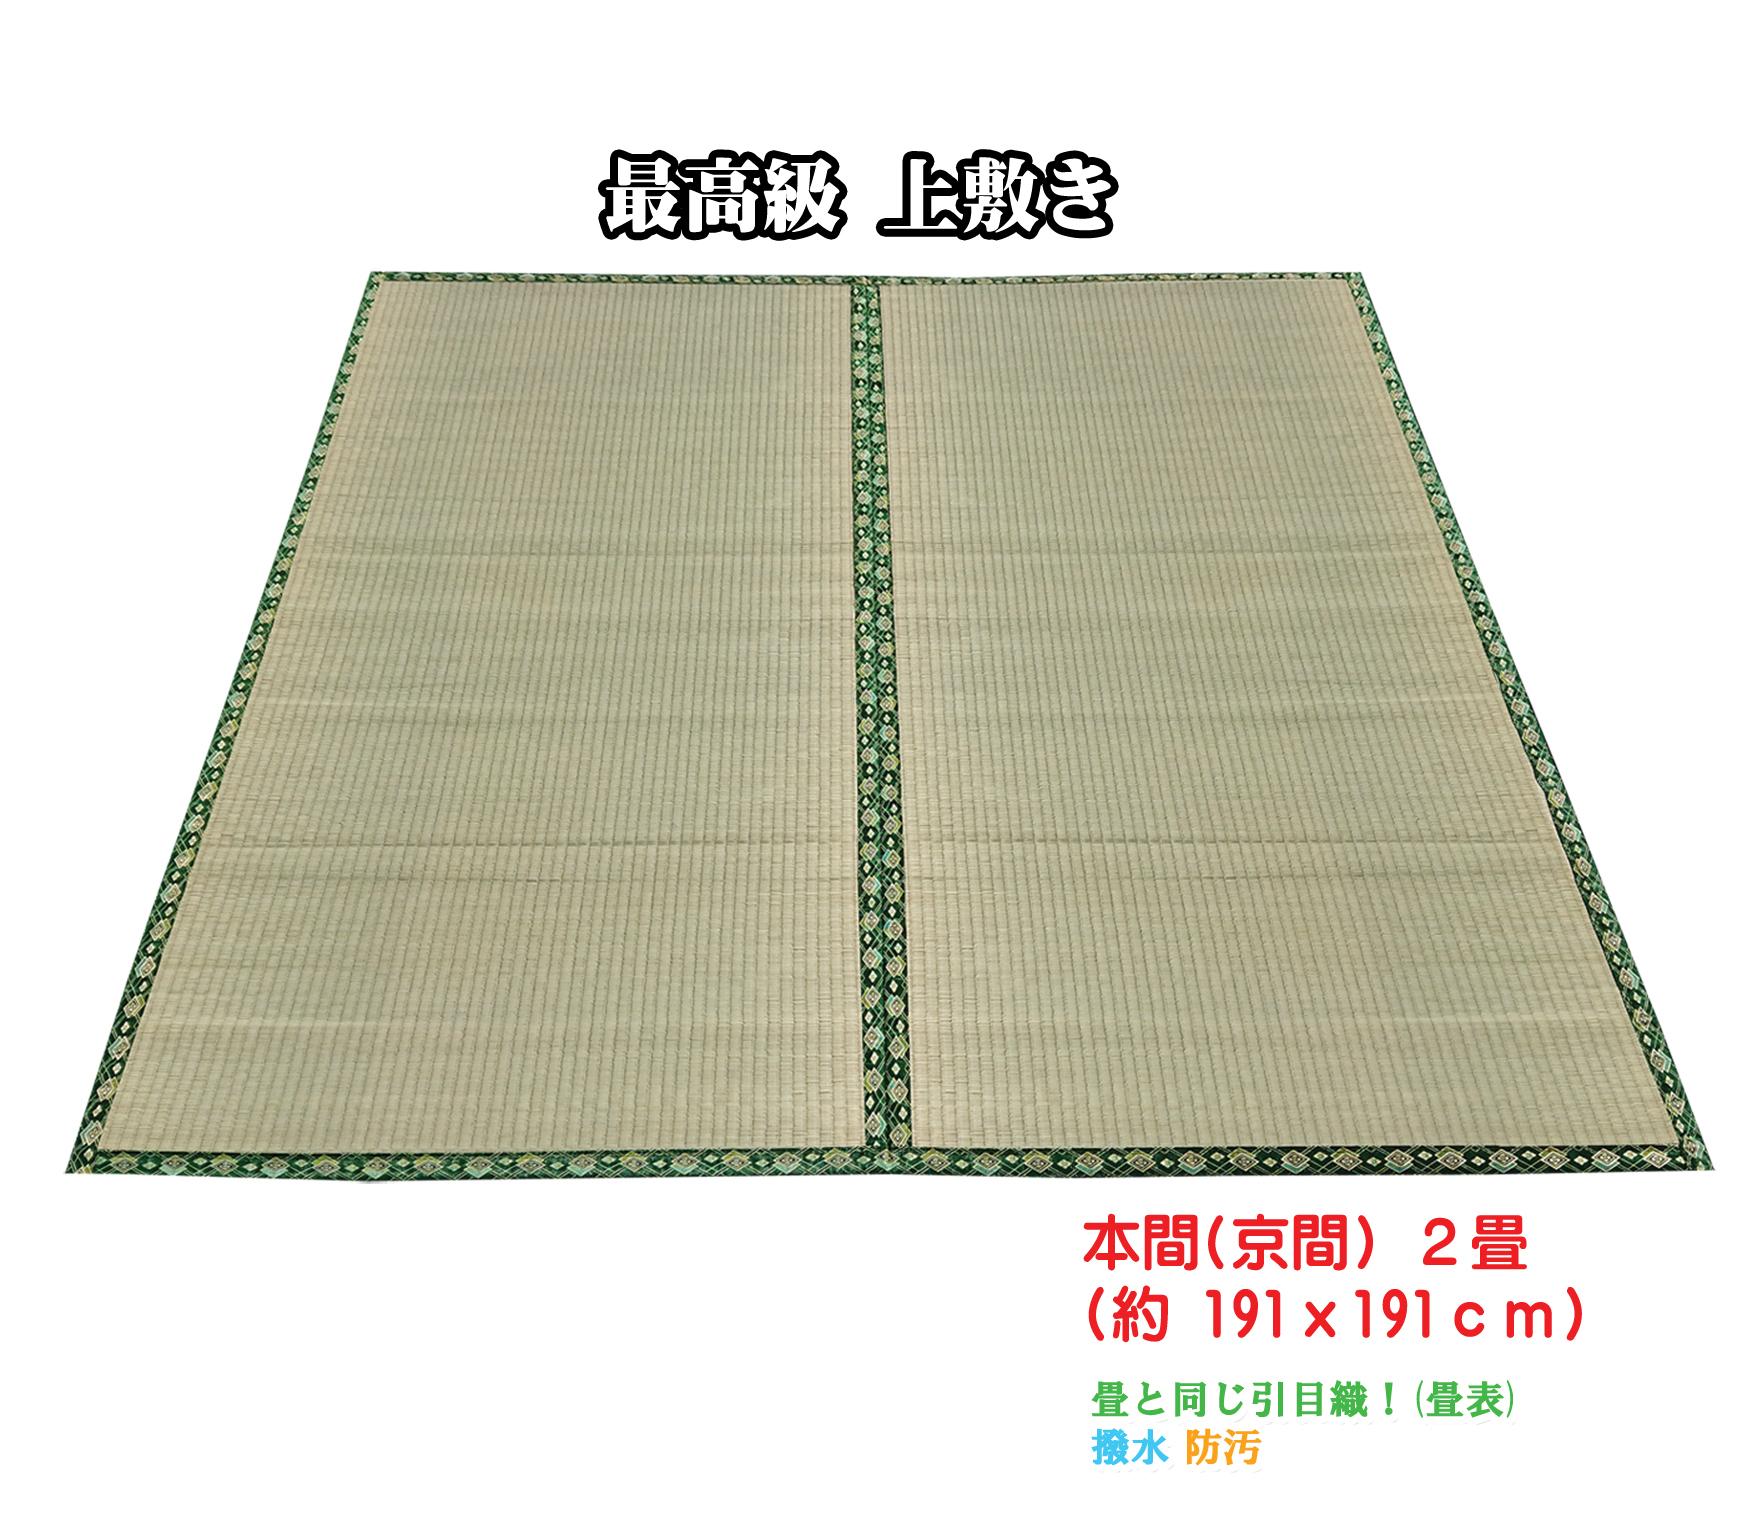 最高級 畳式上敷き(本間/京間) 2畳